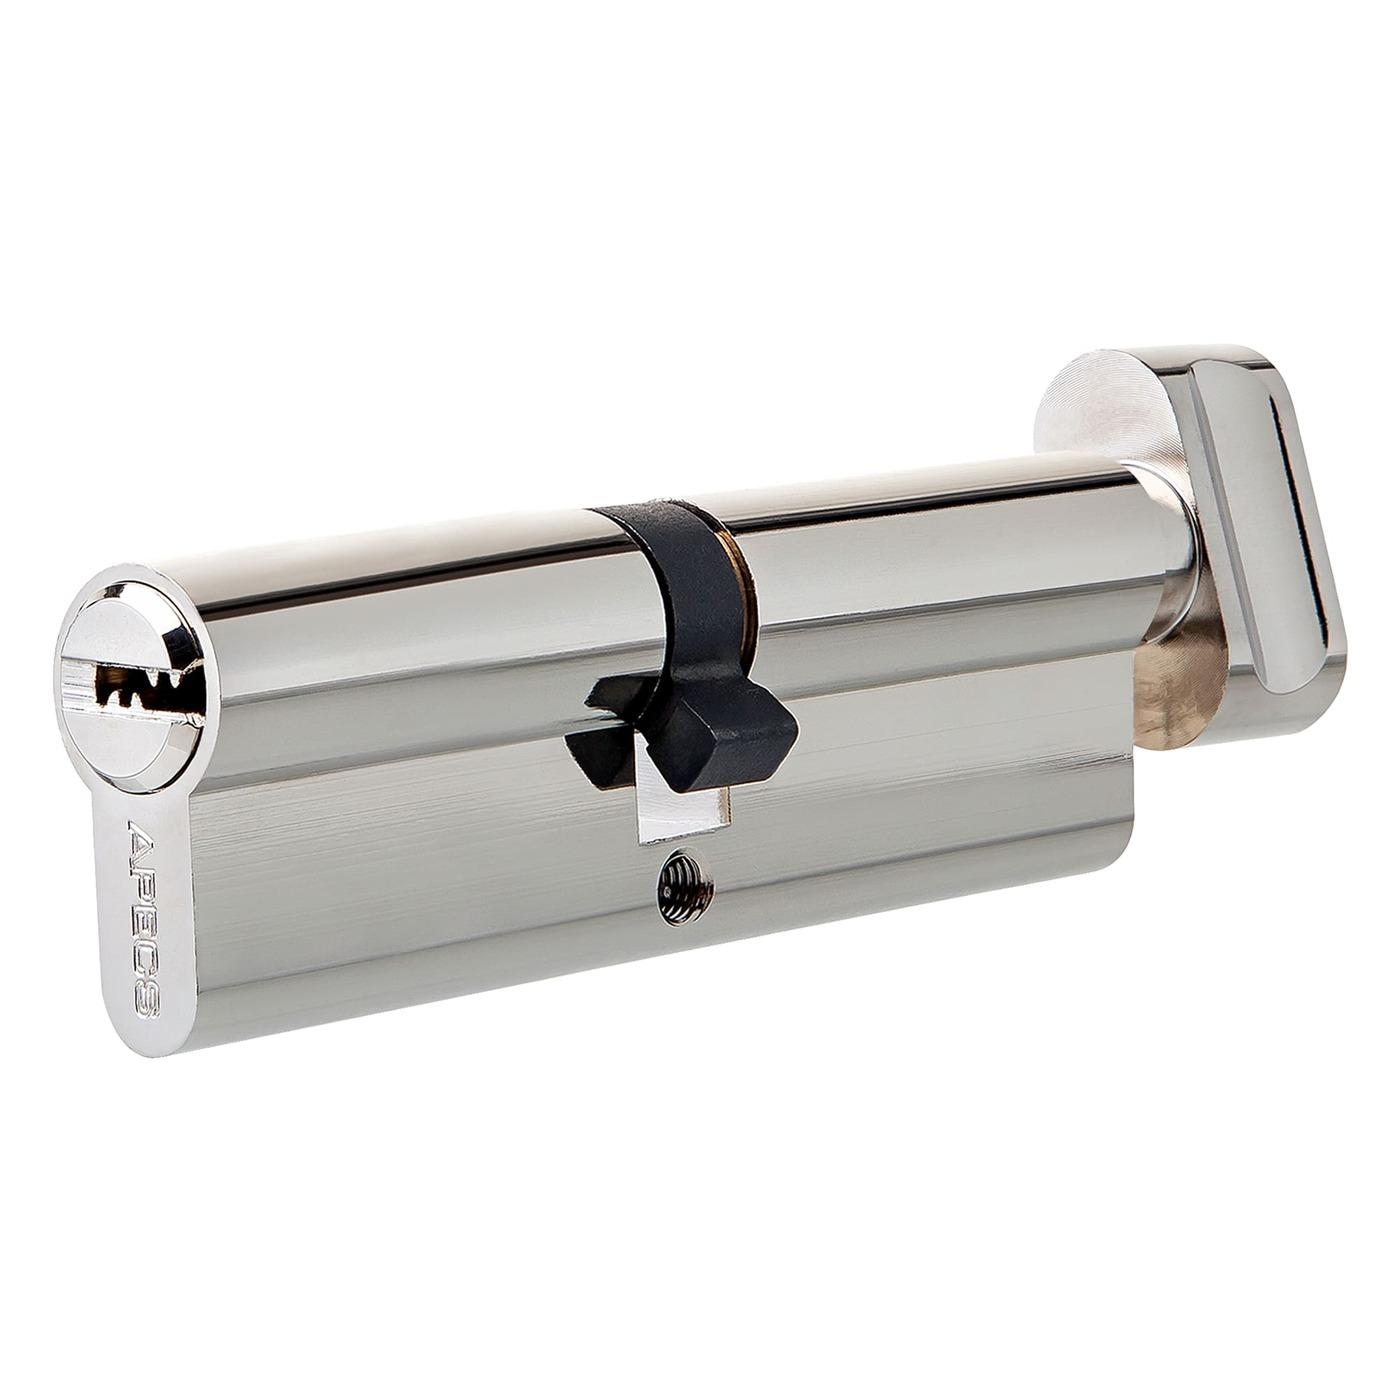 Цилиндр SM-80-C-NI, 40x40 мм, ключ/вертушка, цвет никель